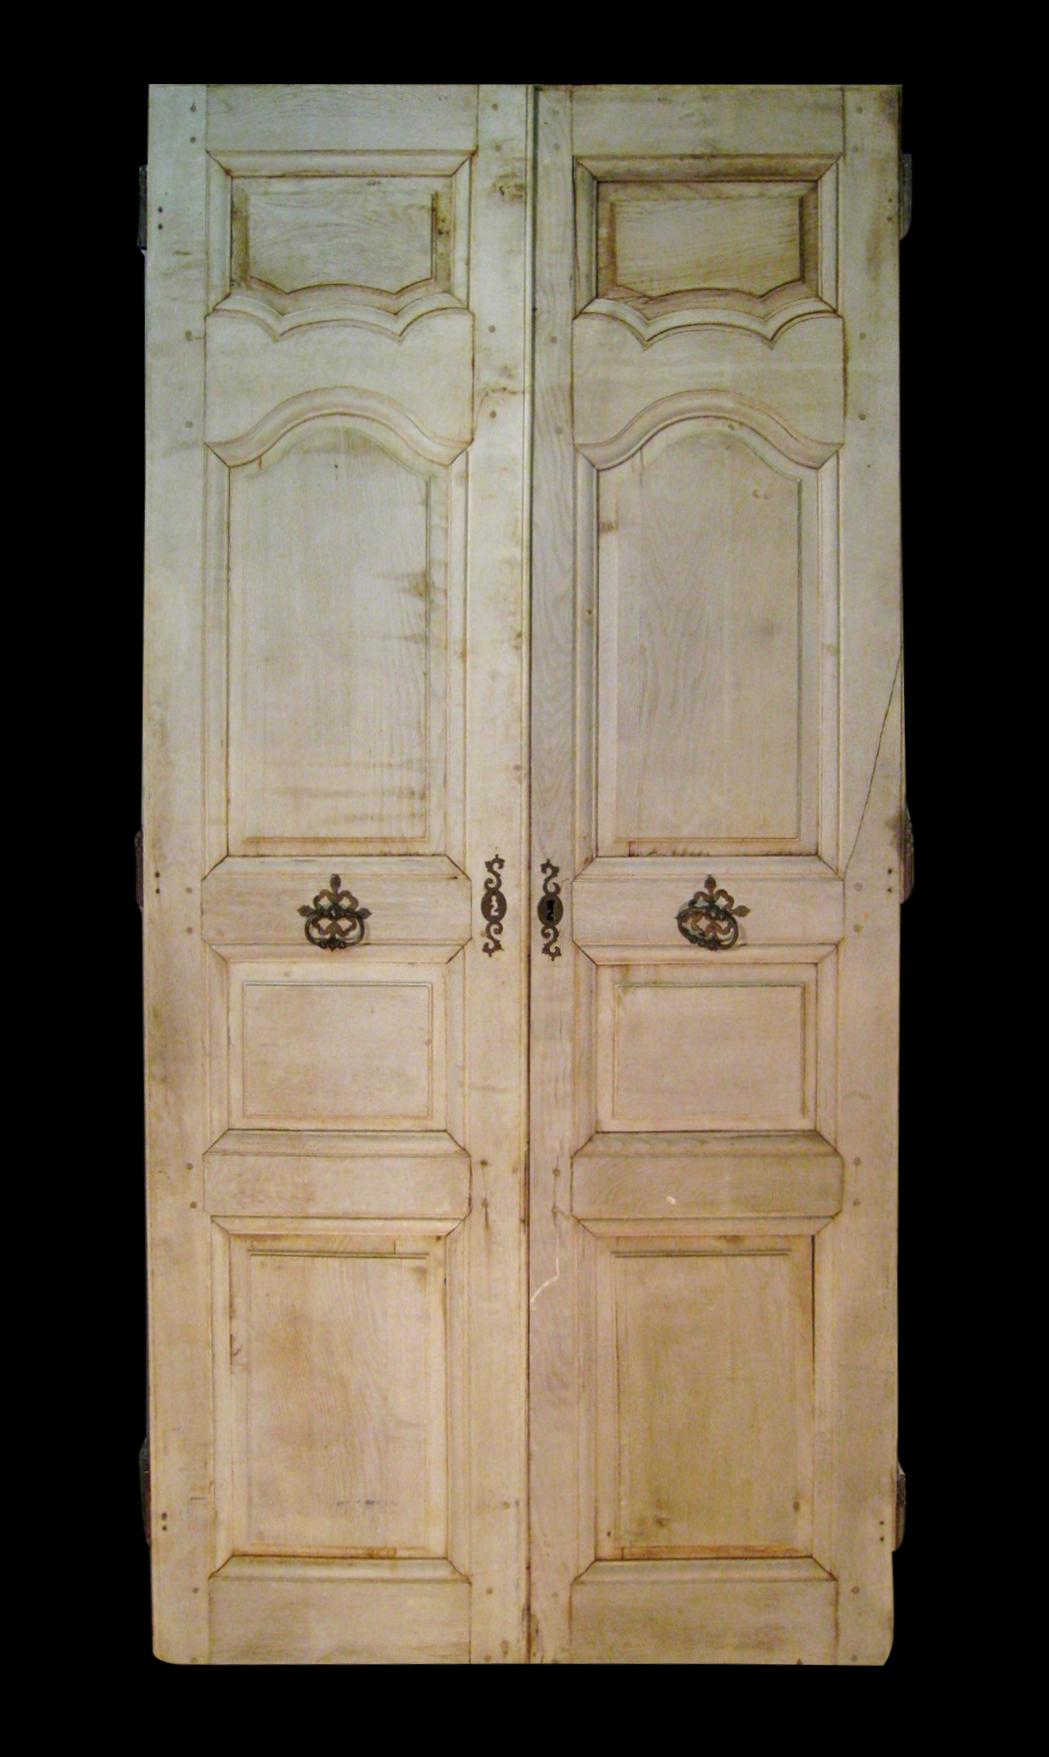 Porte antiche per evocare sapori d altri tempi - Porte decorate antiche ...